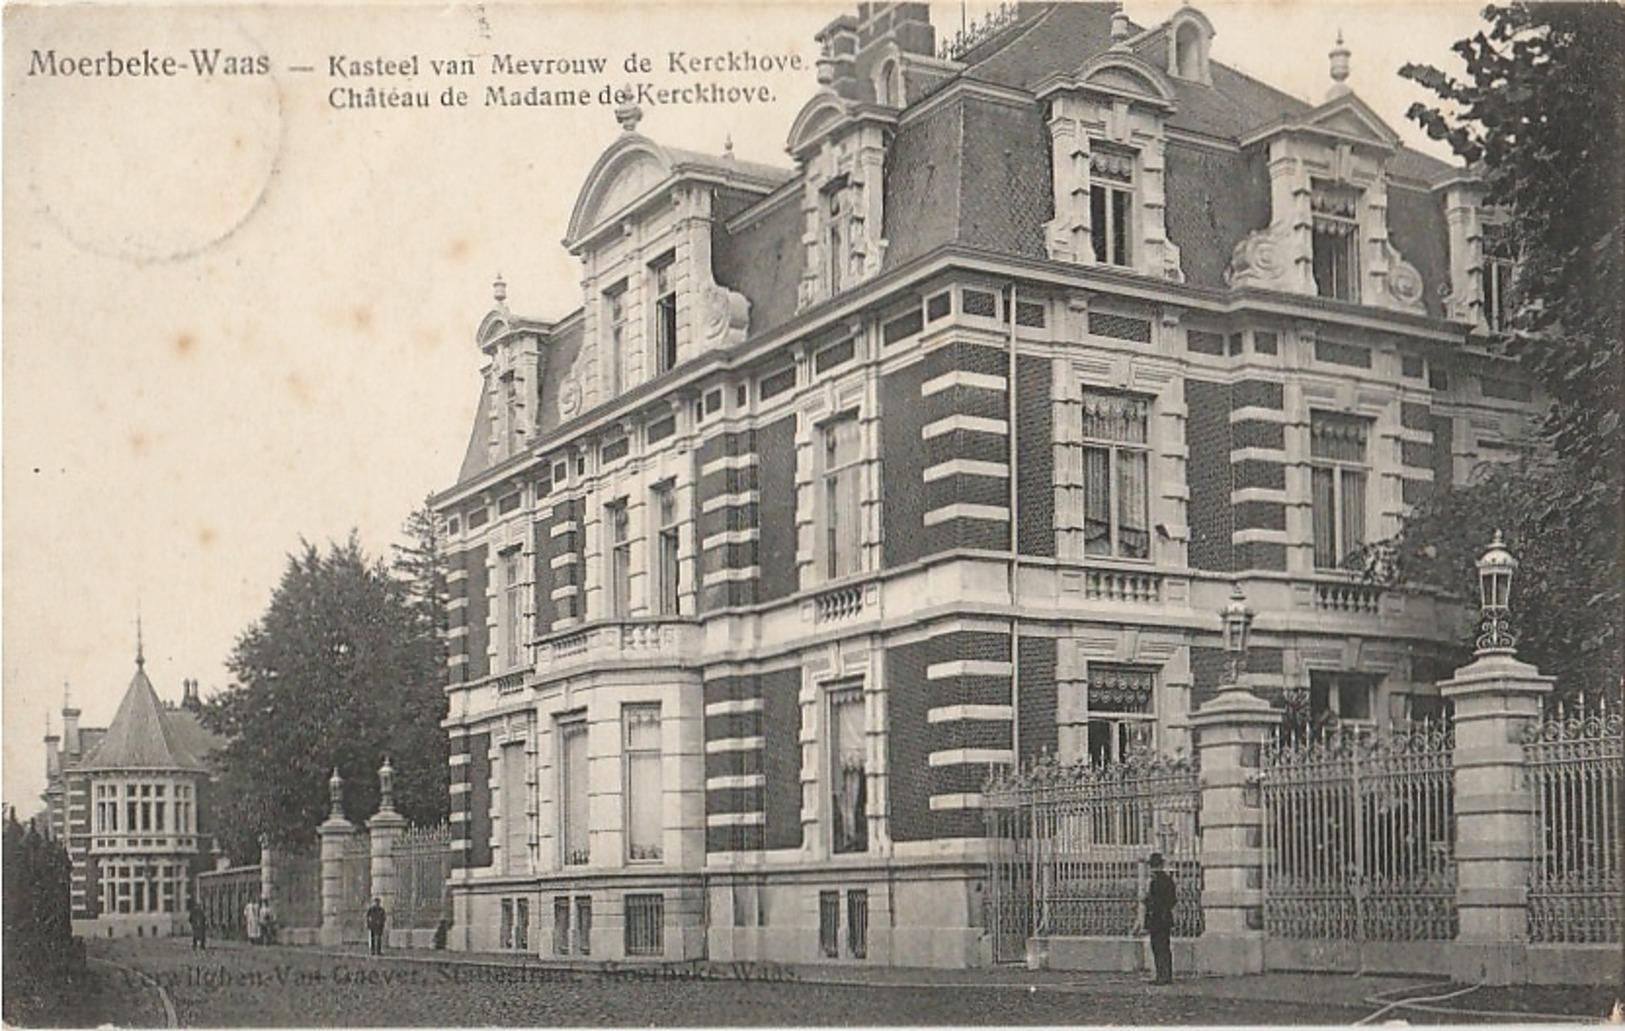 MOERBEKE WAAS Kasteel Van Mevrouw De Kerckhove - Moerbeke-Waas